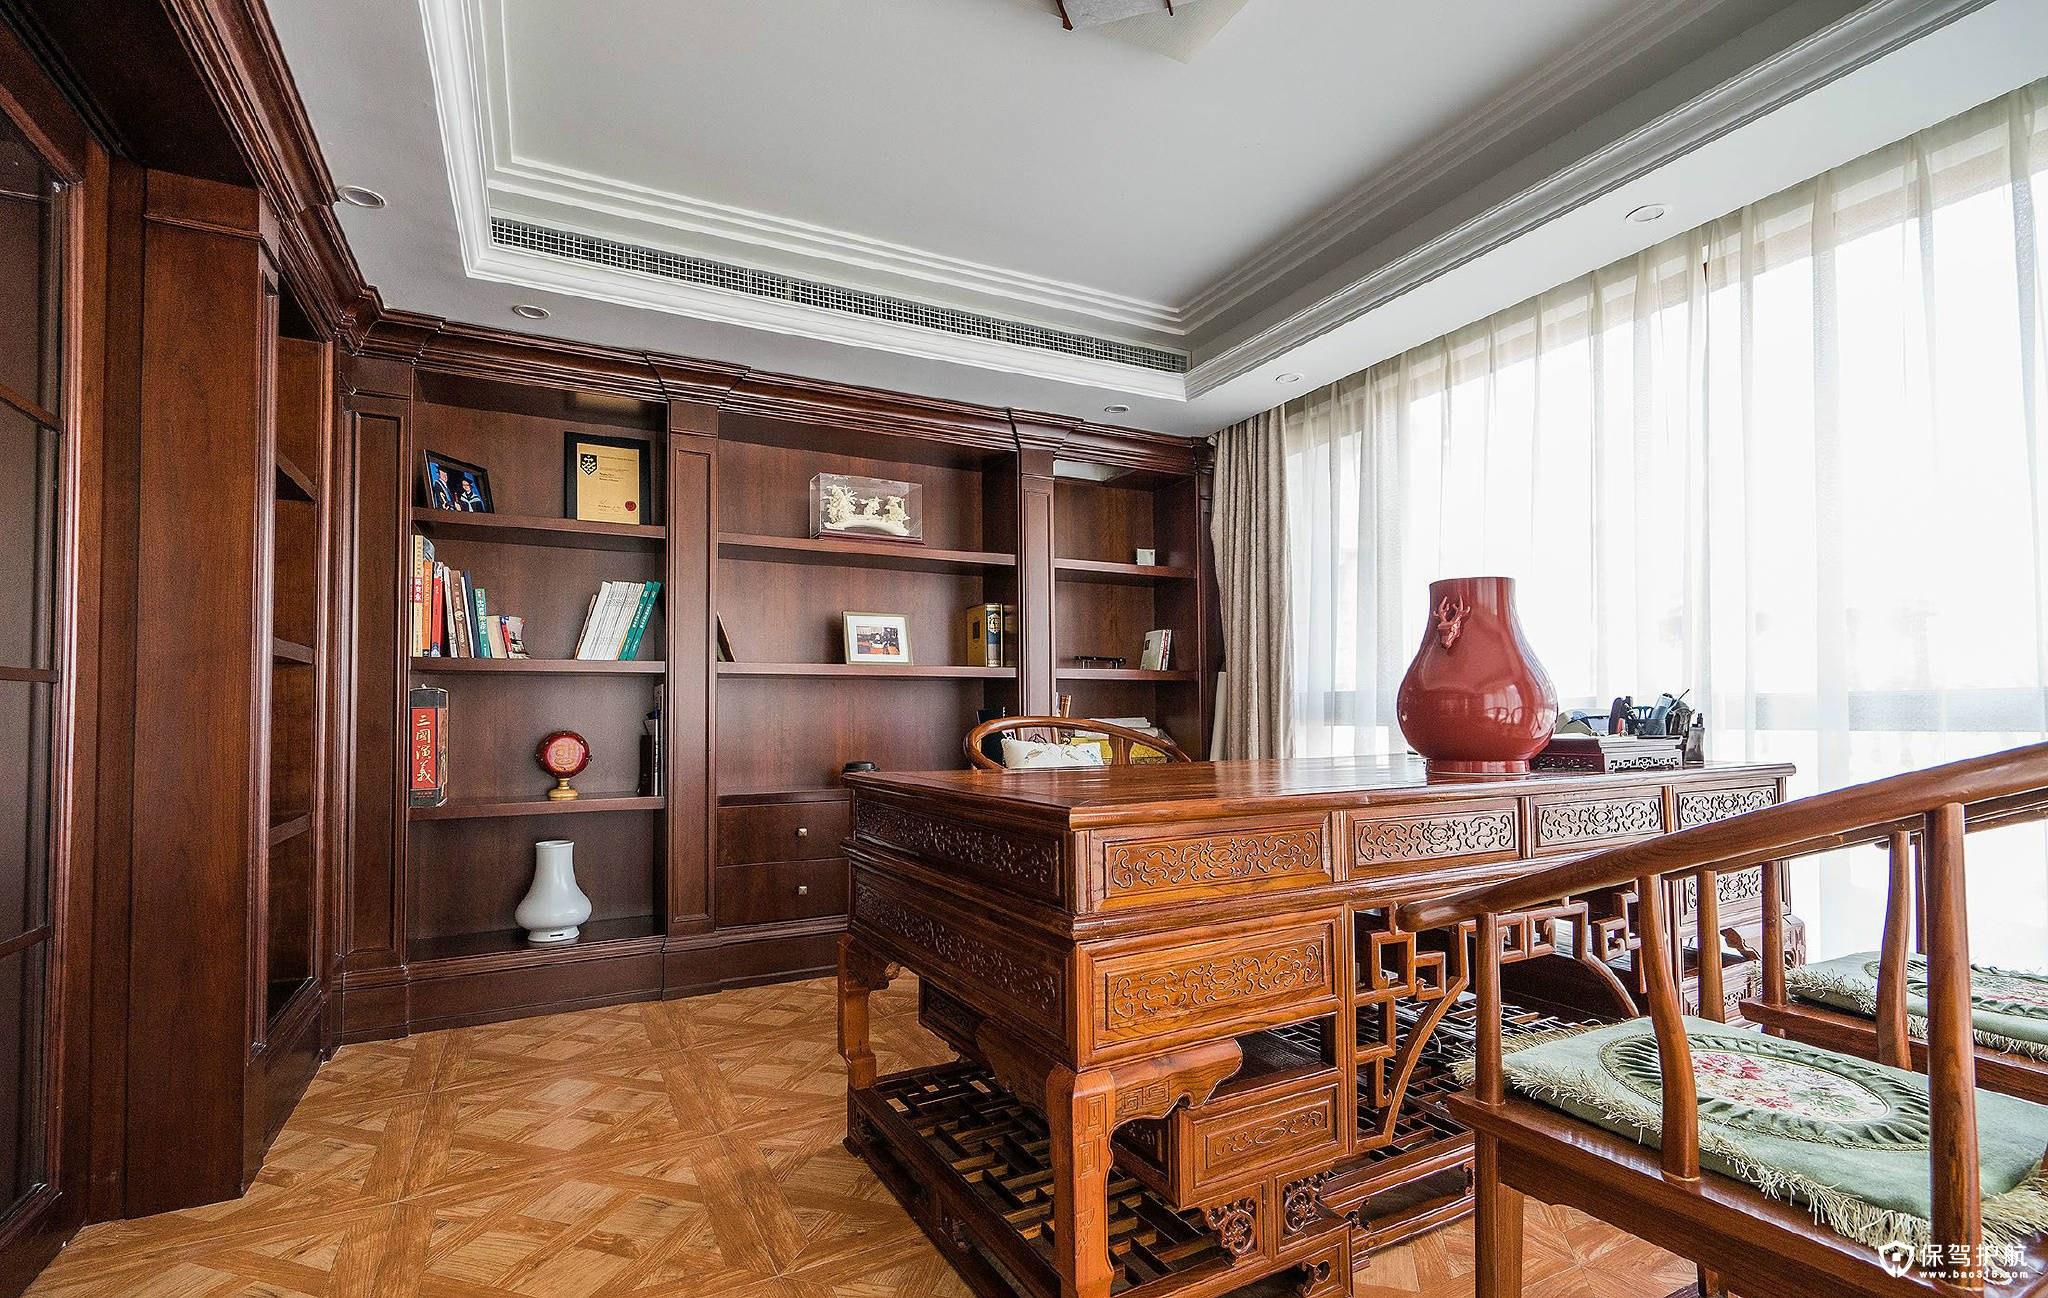 首页 装修攻略  装修风格 欧式别墅多具有艺术气质       书房整体